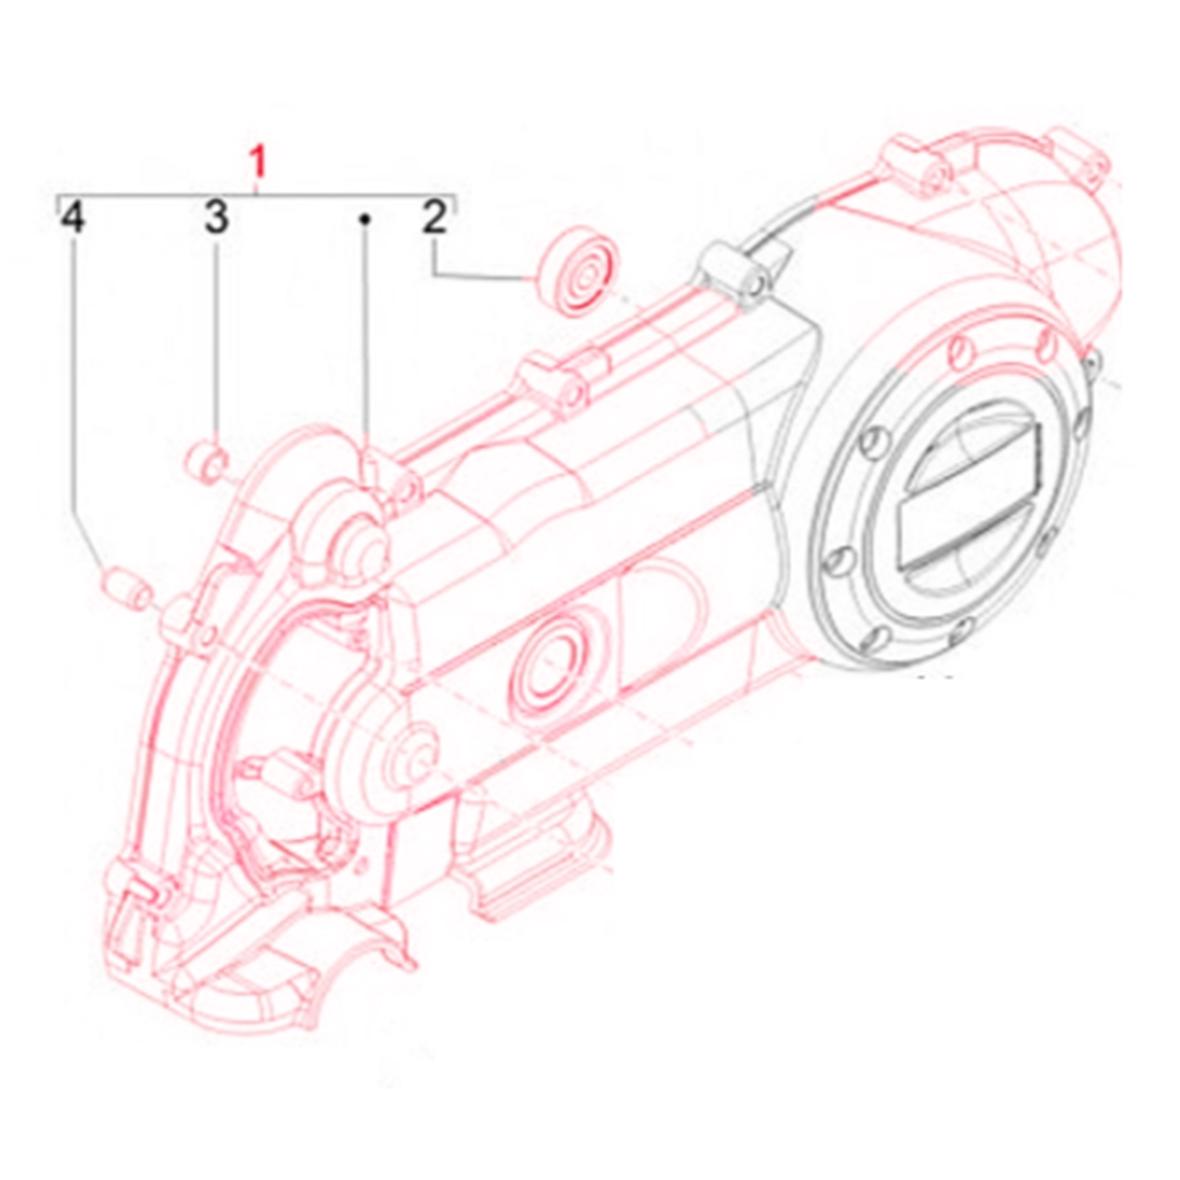 Image du produit 'Couvercle de variateur PIAGGIO'